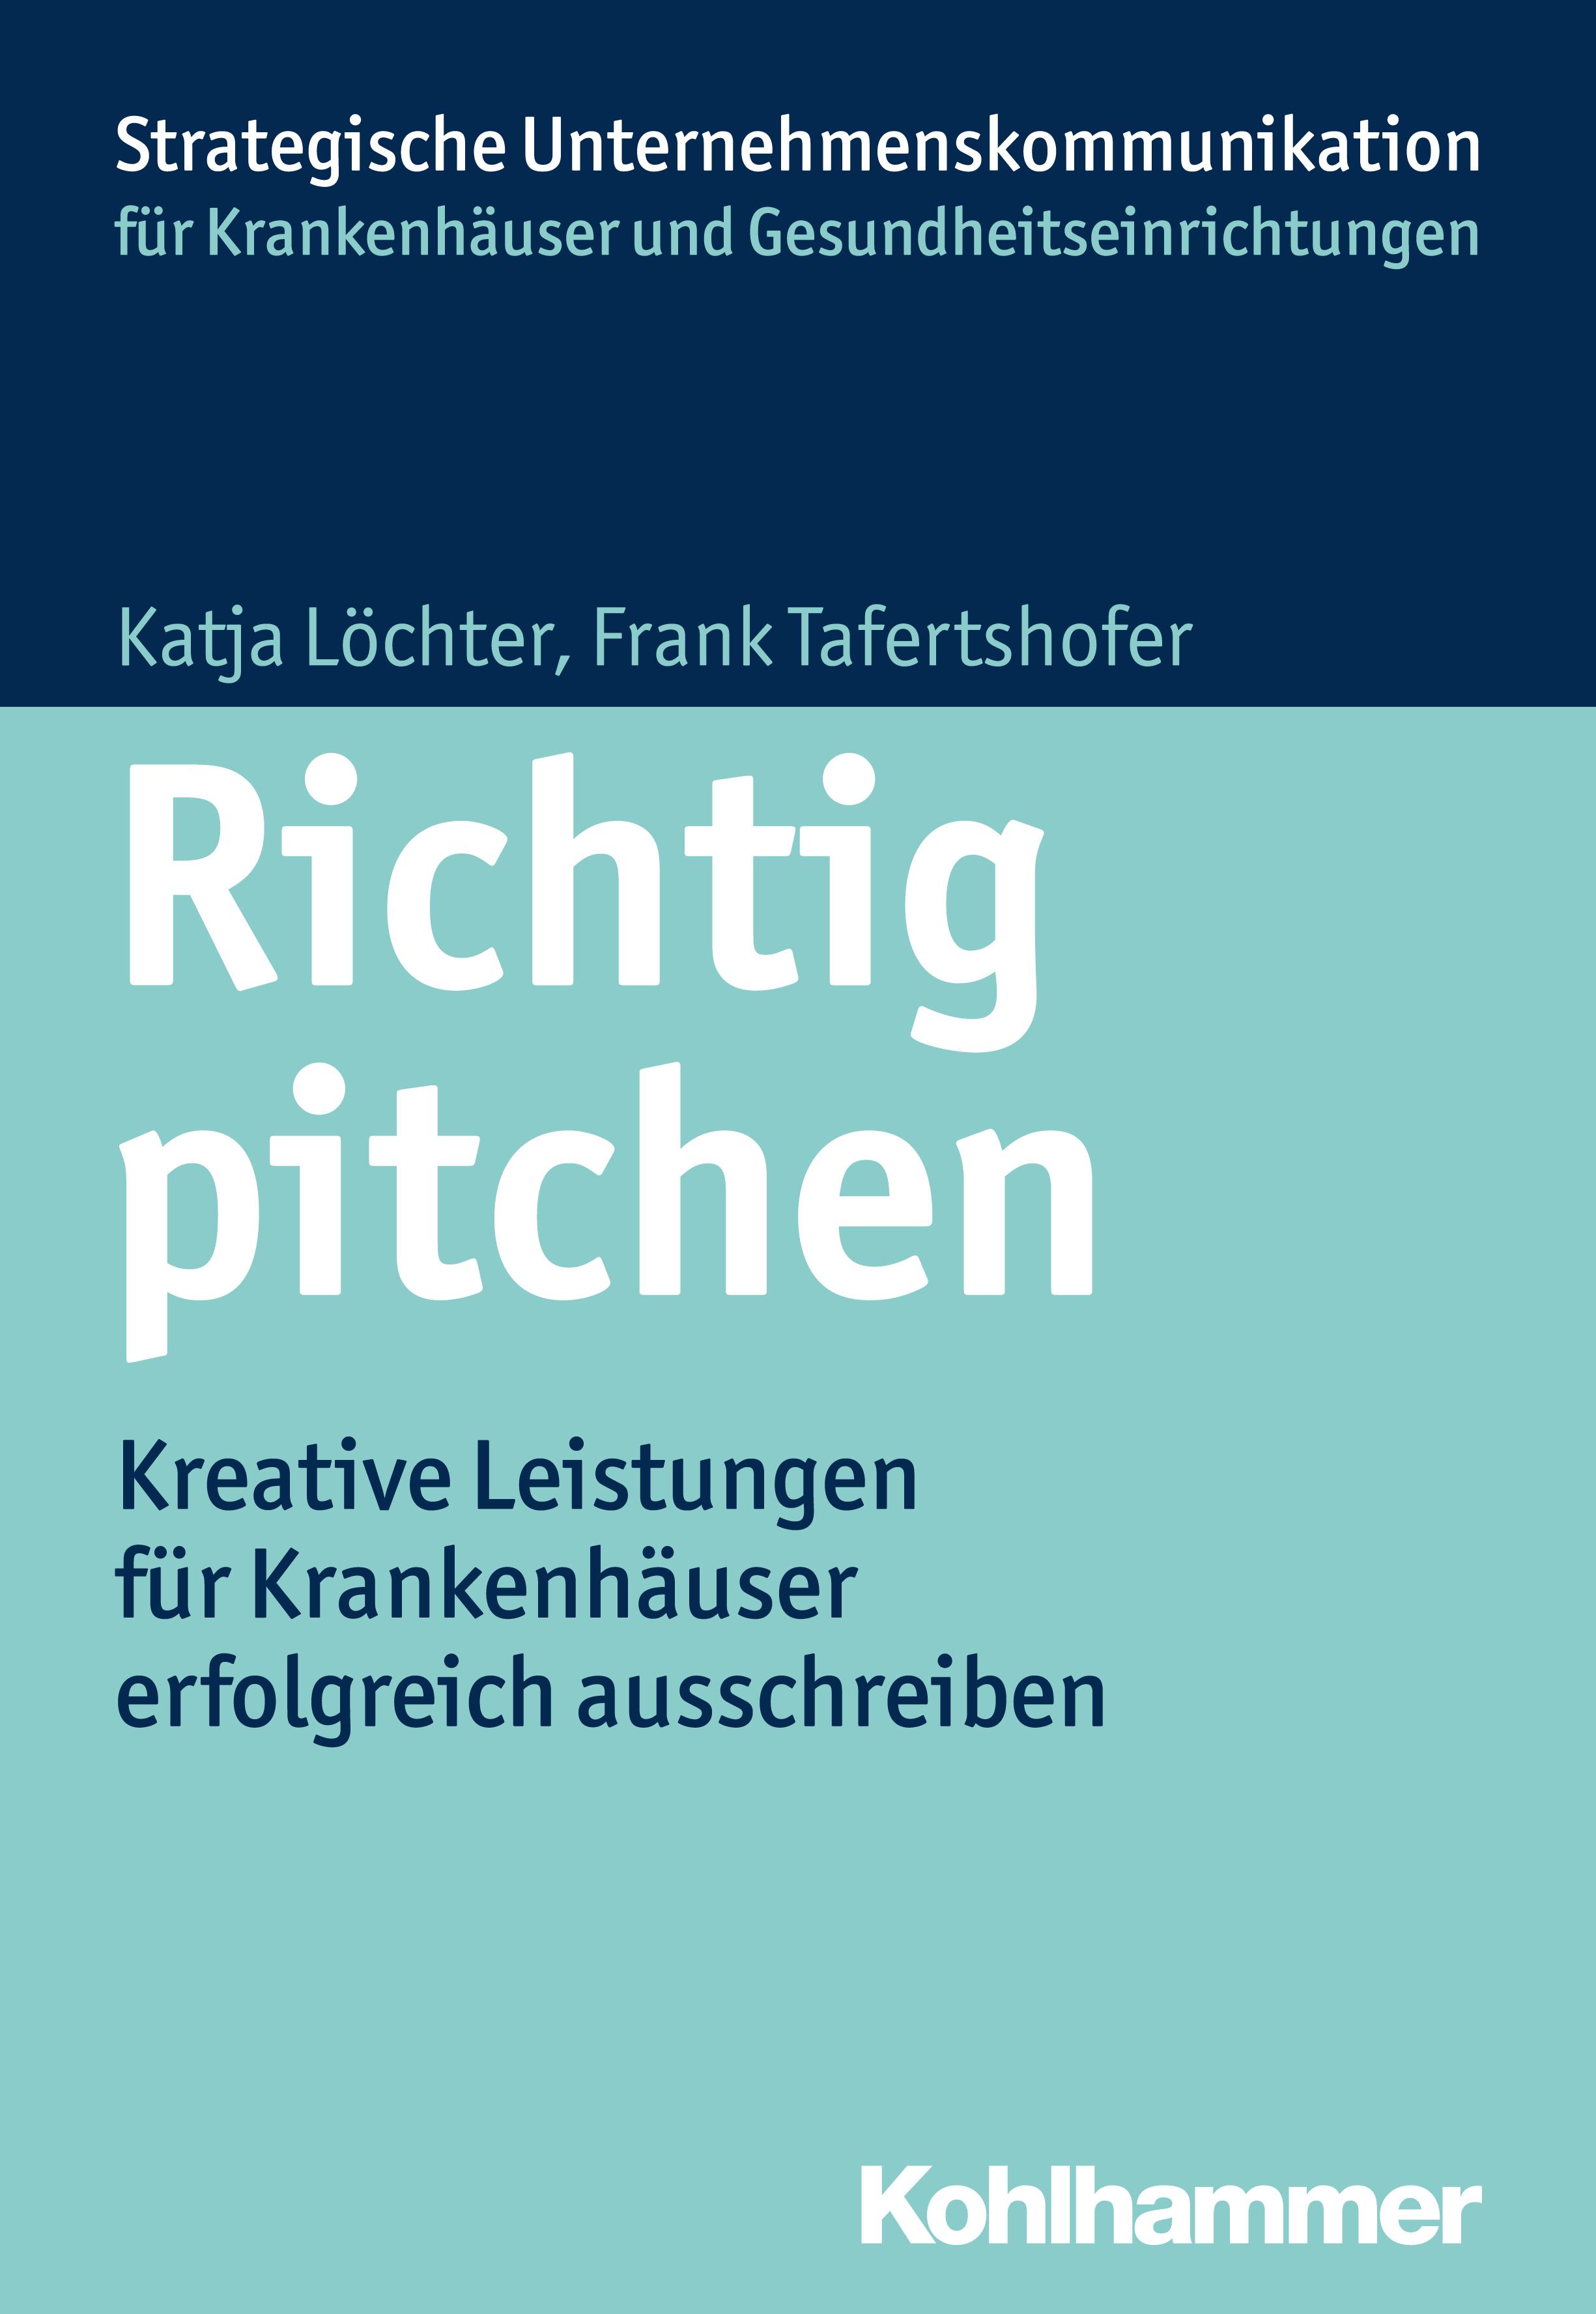 Katja Löchter Richtig pitchen walter koelle wasseranalysen richtig beurteilt grundlagen parameter wassertypen inhaltsstoffe page 8